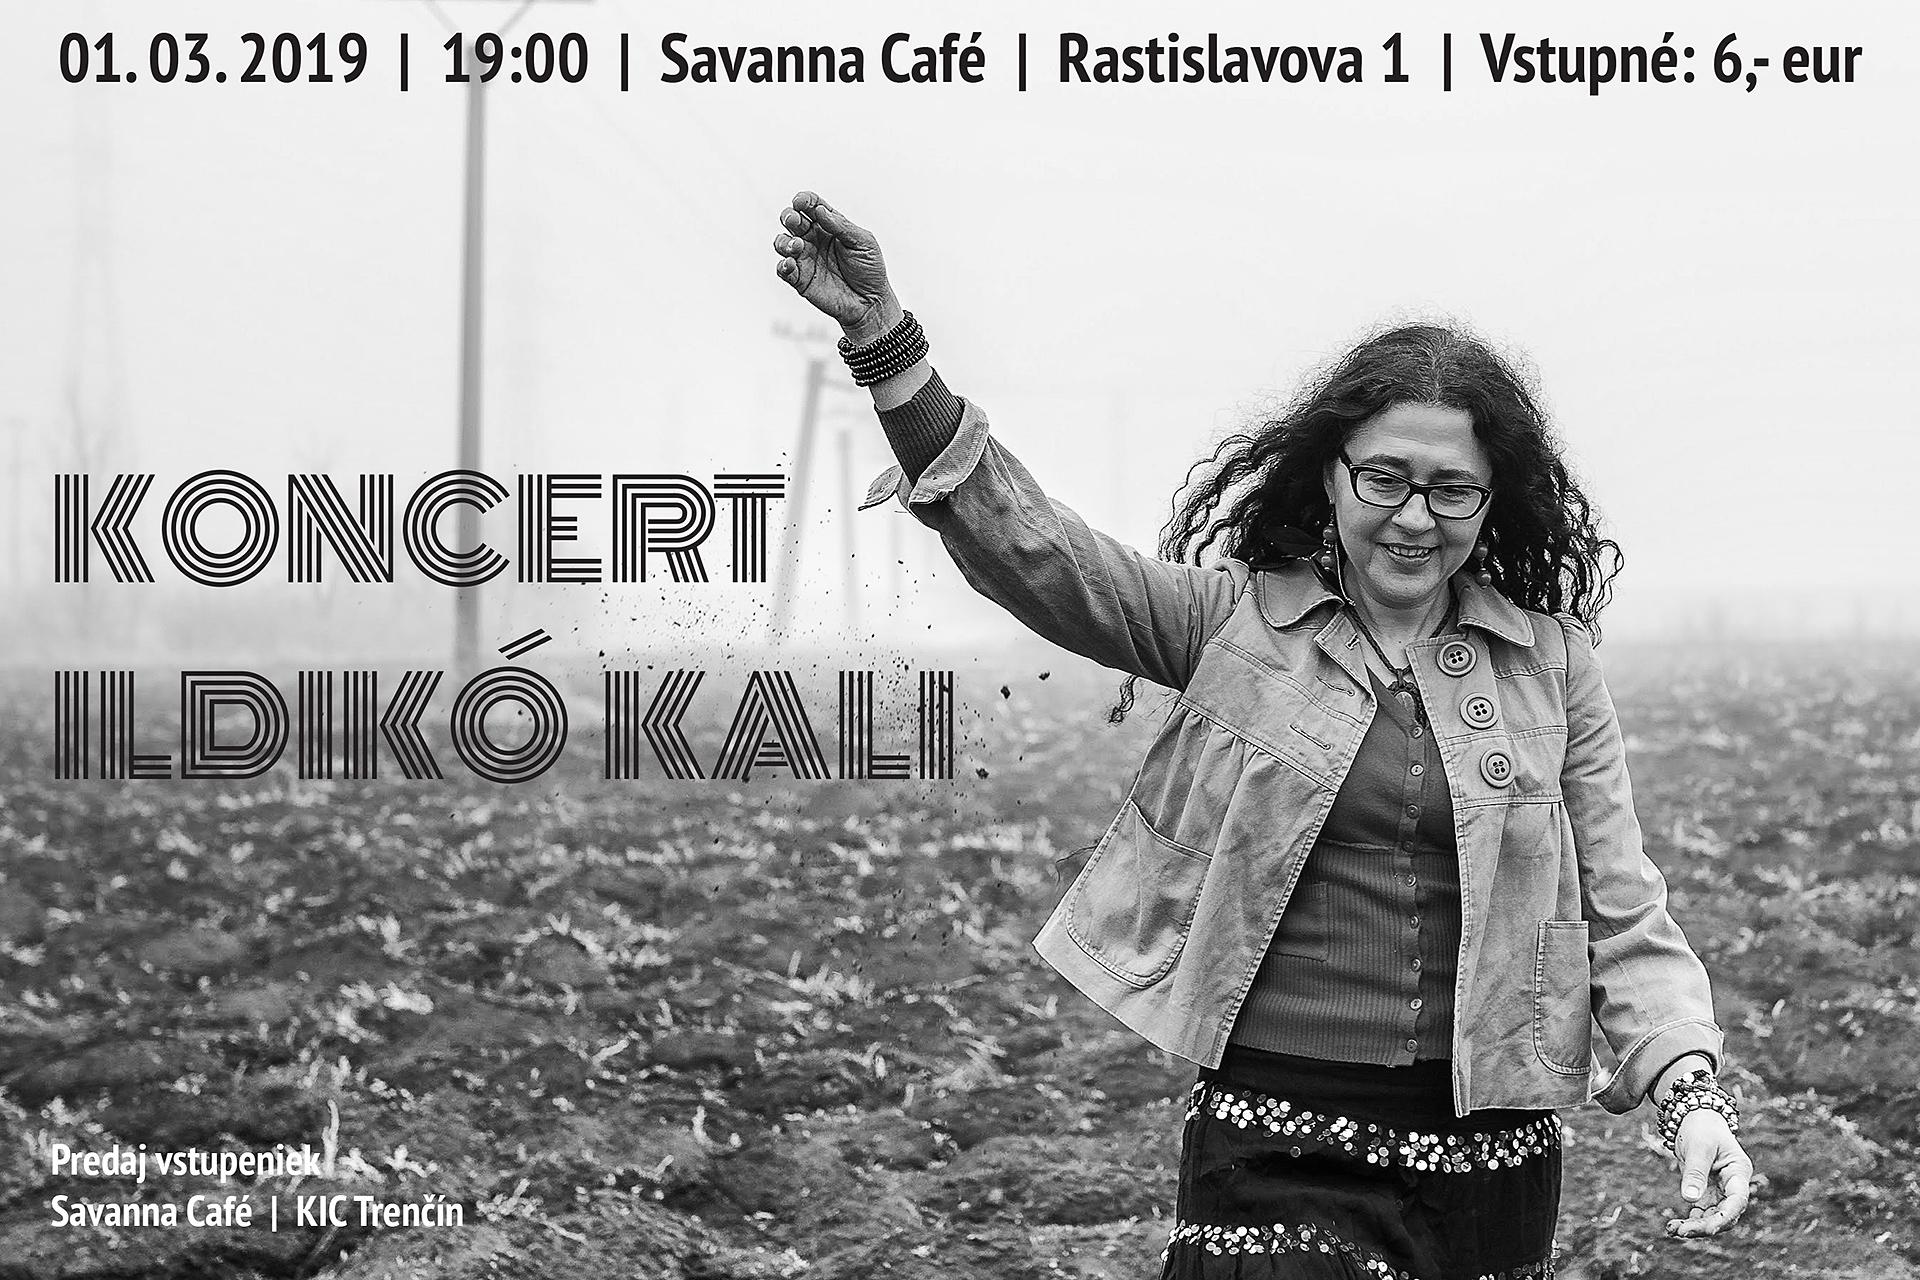 Koncert Ildikó Kali plagát